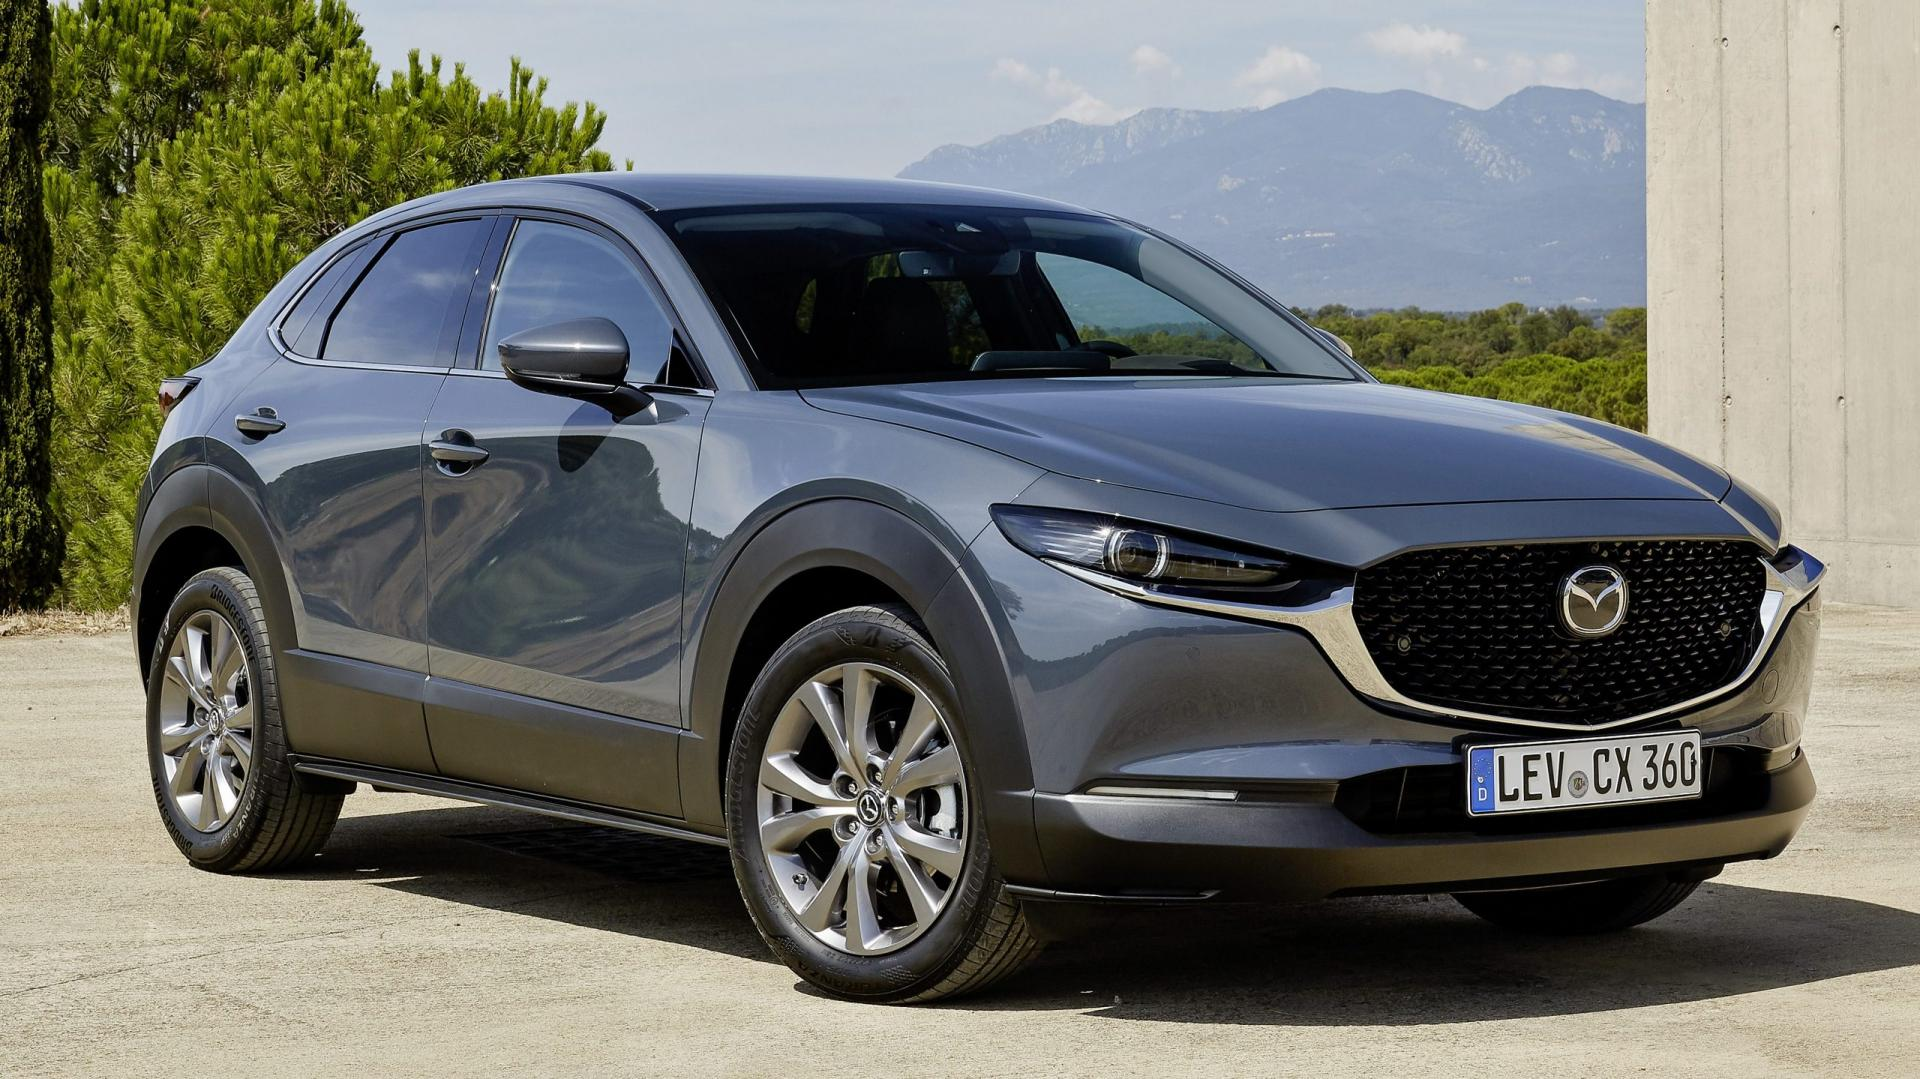 Mazda CX-30 2019 drie kwart voor rechts